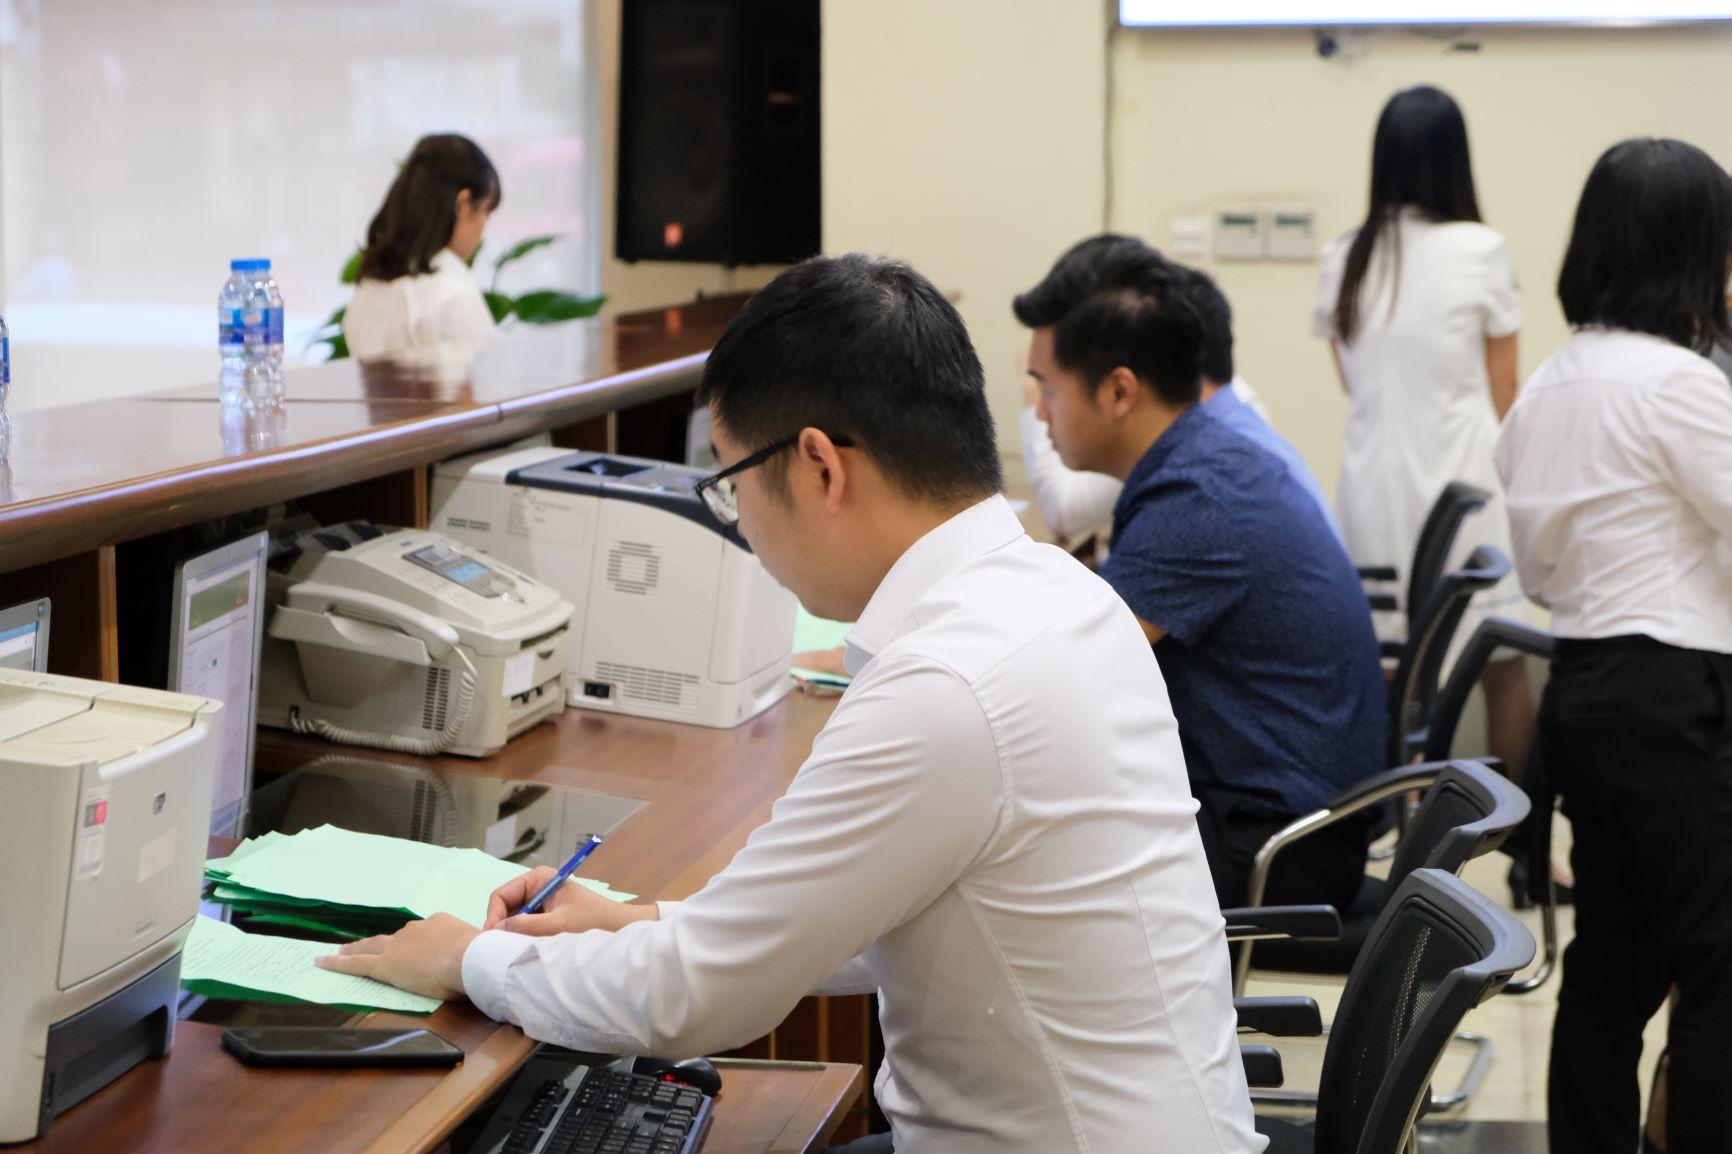 Lợi nhuận sau thuế doanh nghiệp niêm yết HNX 6 tháng tăng 20,2%